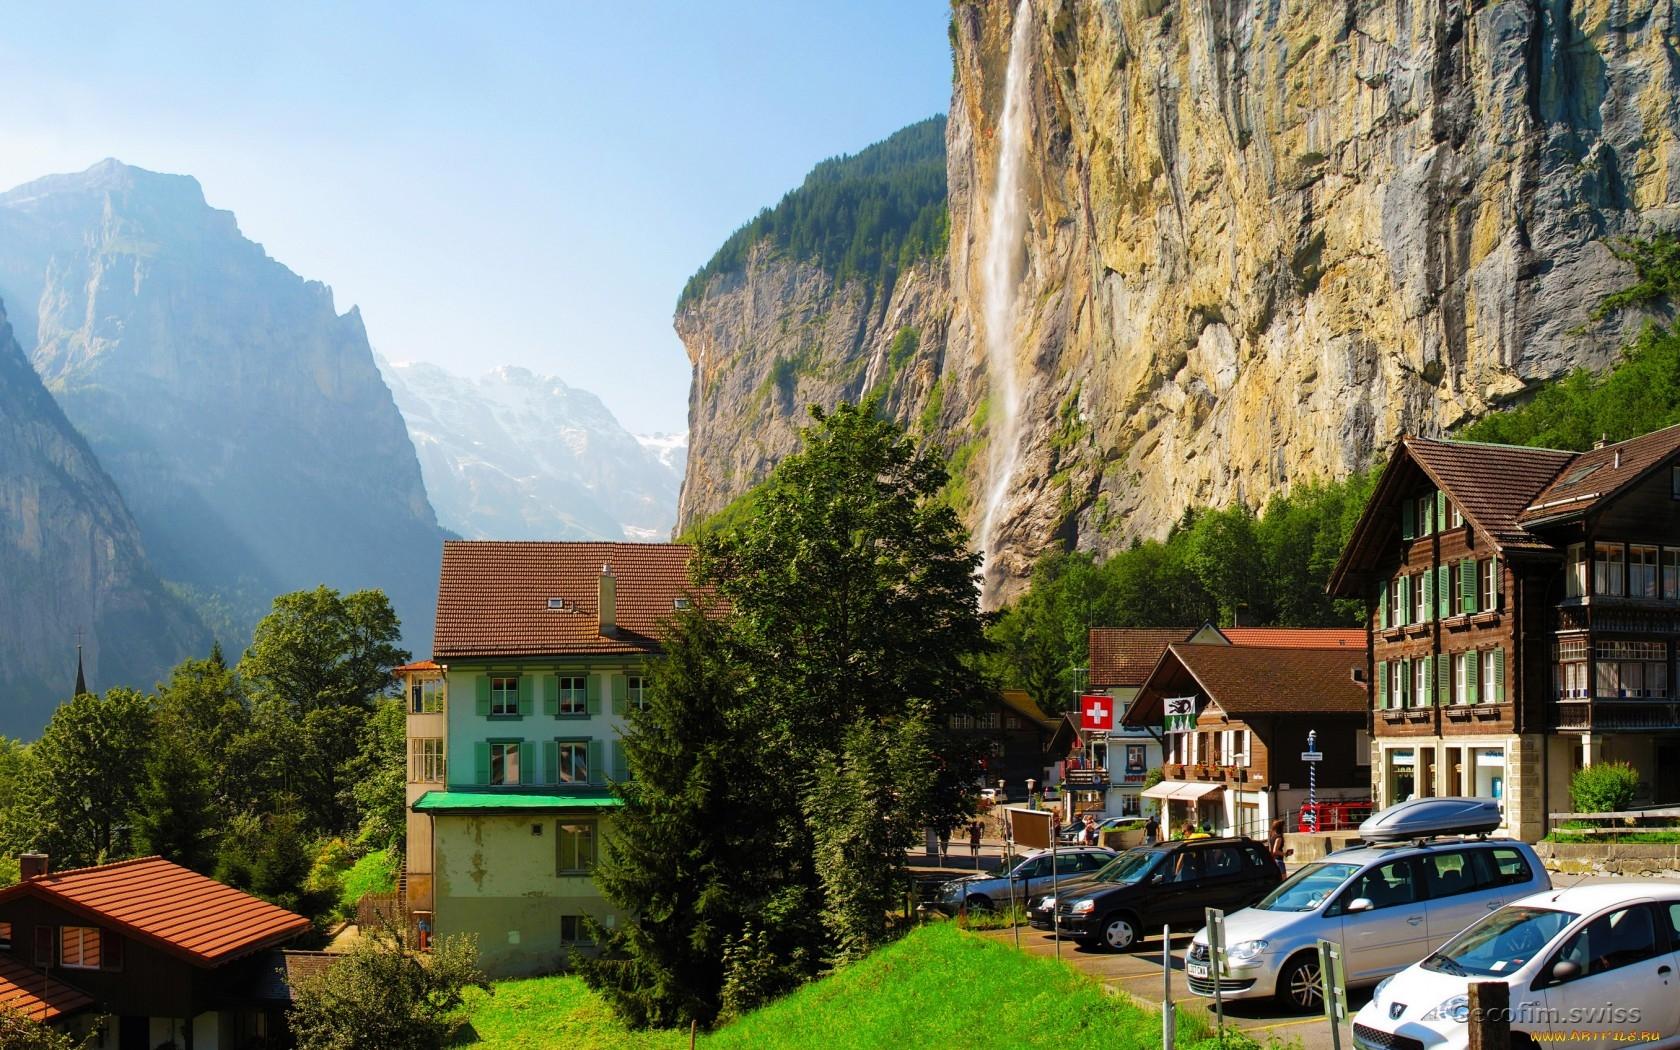 Управление недвижимостью в Швейцарии. Property management in Switzerland. Gérance de biens immobiliers en Suisse